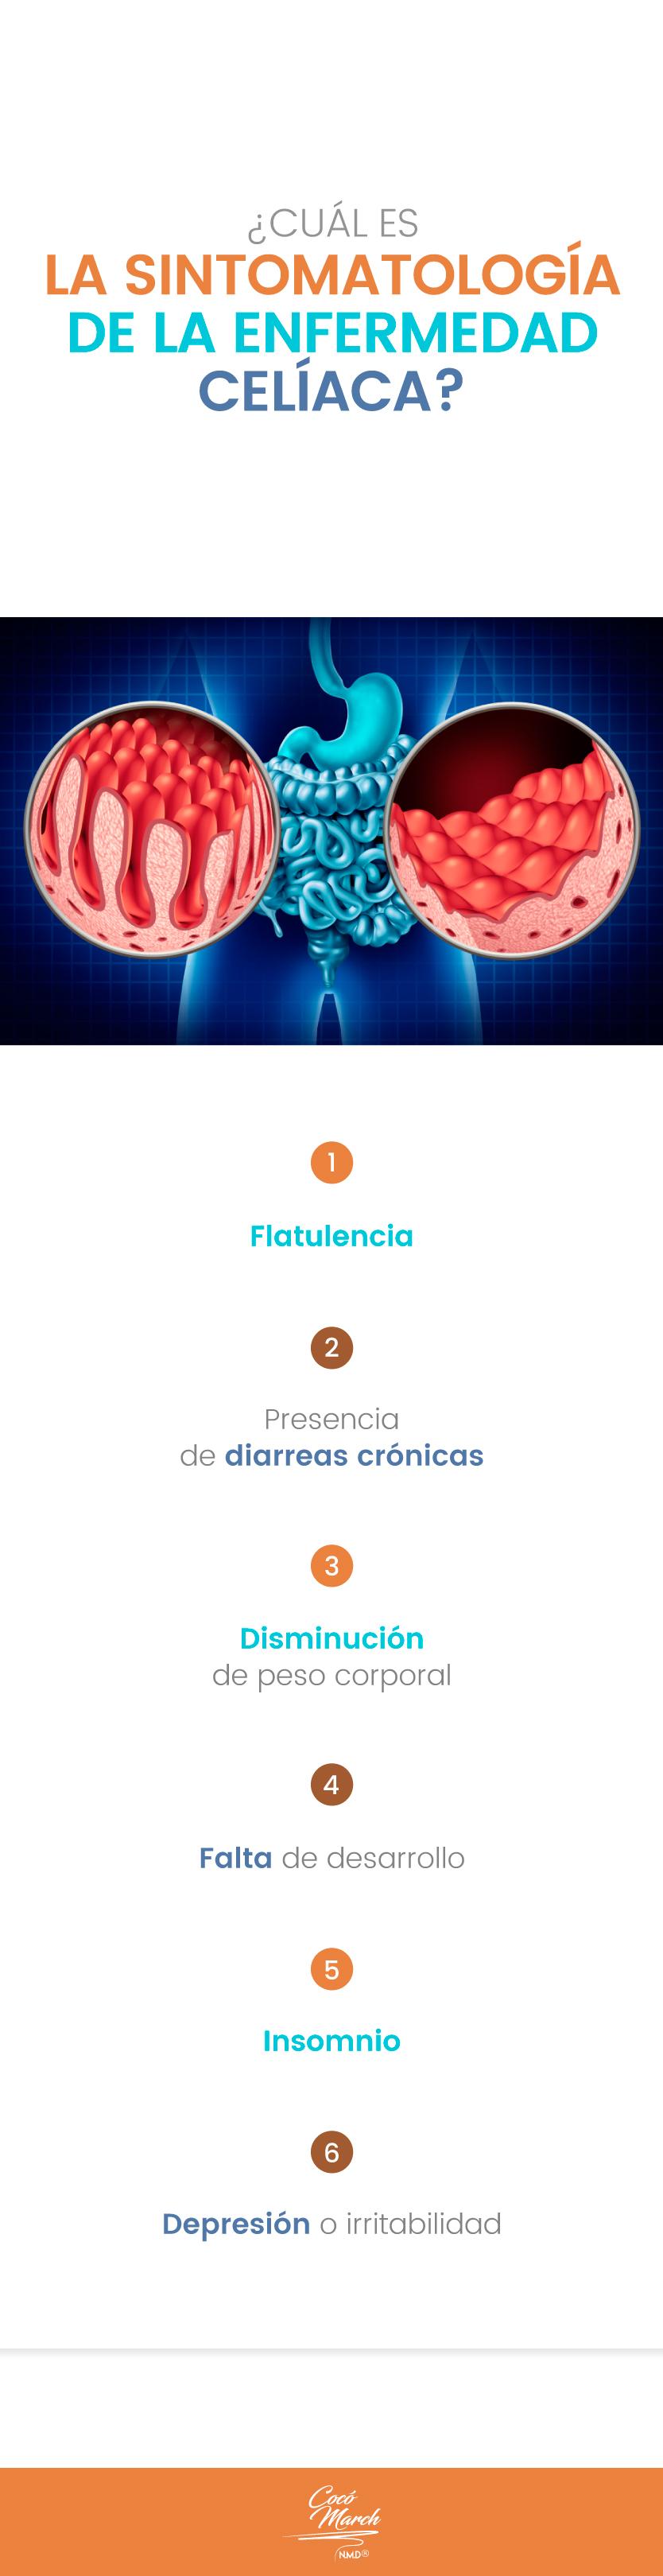 cual-es-la-sintomatologia-de-la-enfermedad-celiaca